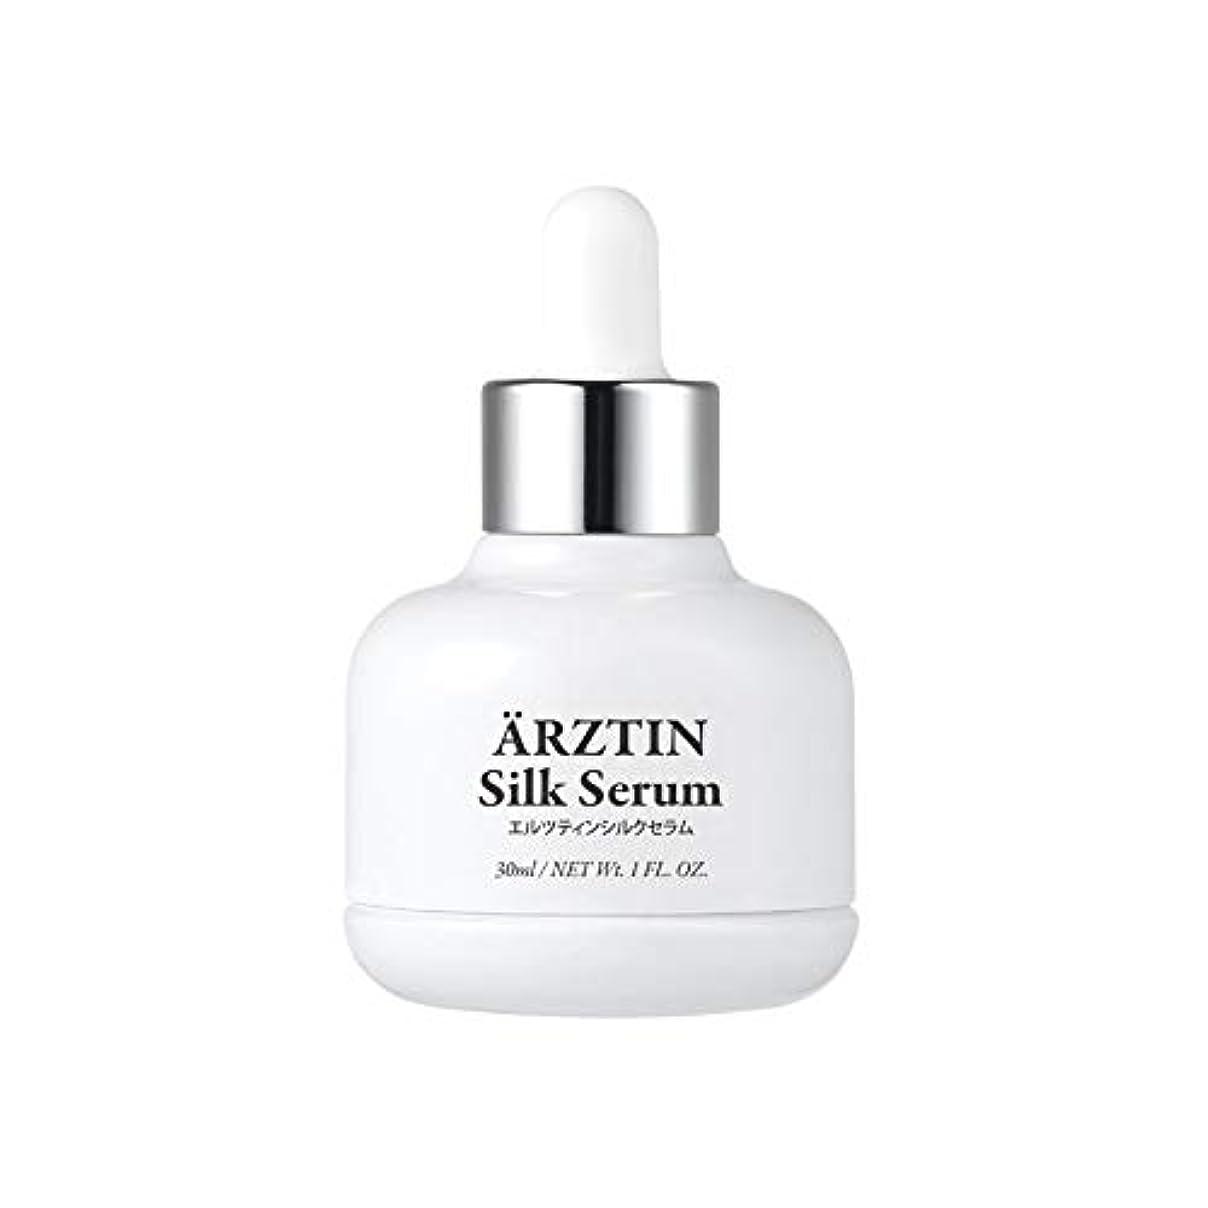 ファッション仮定する逆さまに毛穴 引き締まり 小じわ 栄養 潤い 保湿 水分 しっとり肌 エルツティン シルク セラム 30ml アンプル ARZTIN SILK SERUM SHINBEE